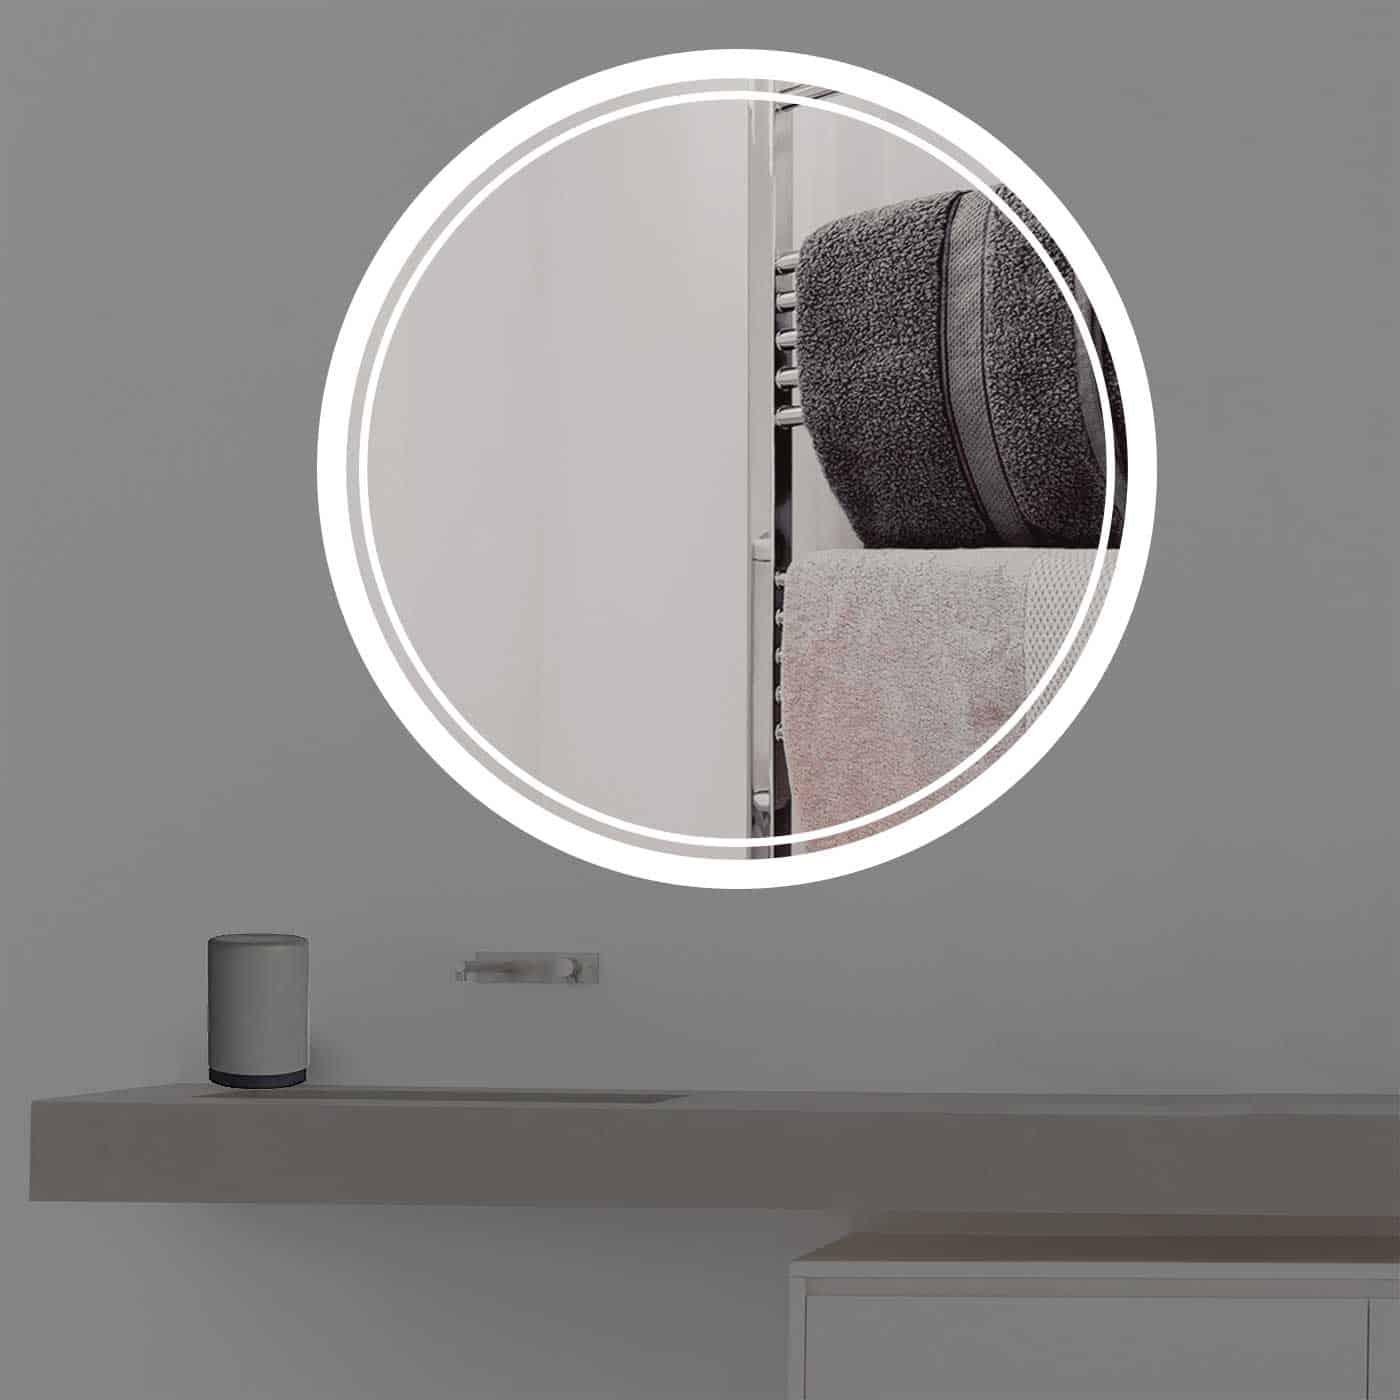 Badspiegel Mit Beleuchtung Rund R 404 Tuv Gepruft